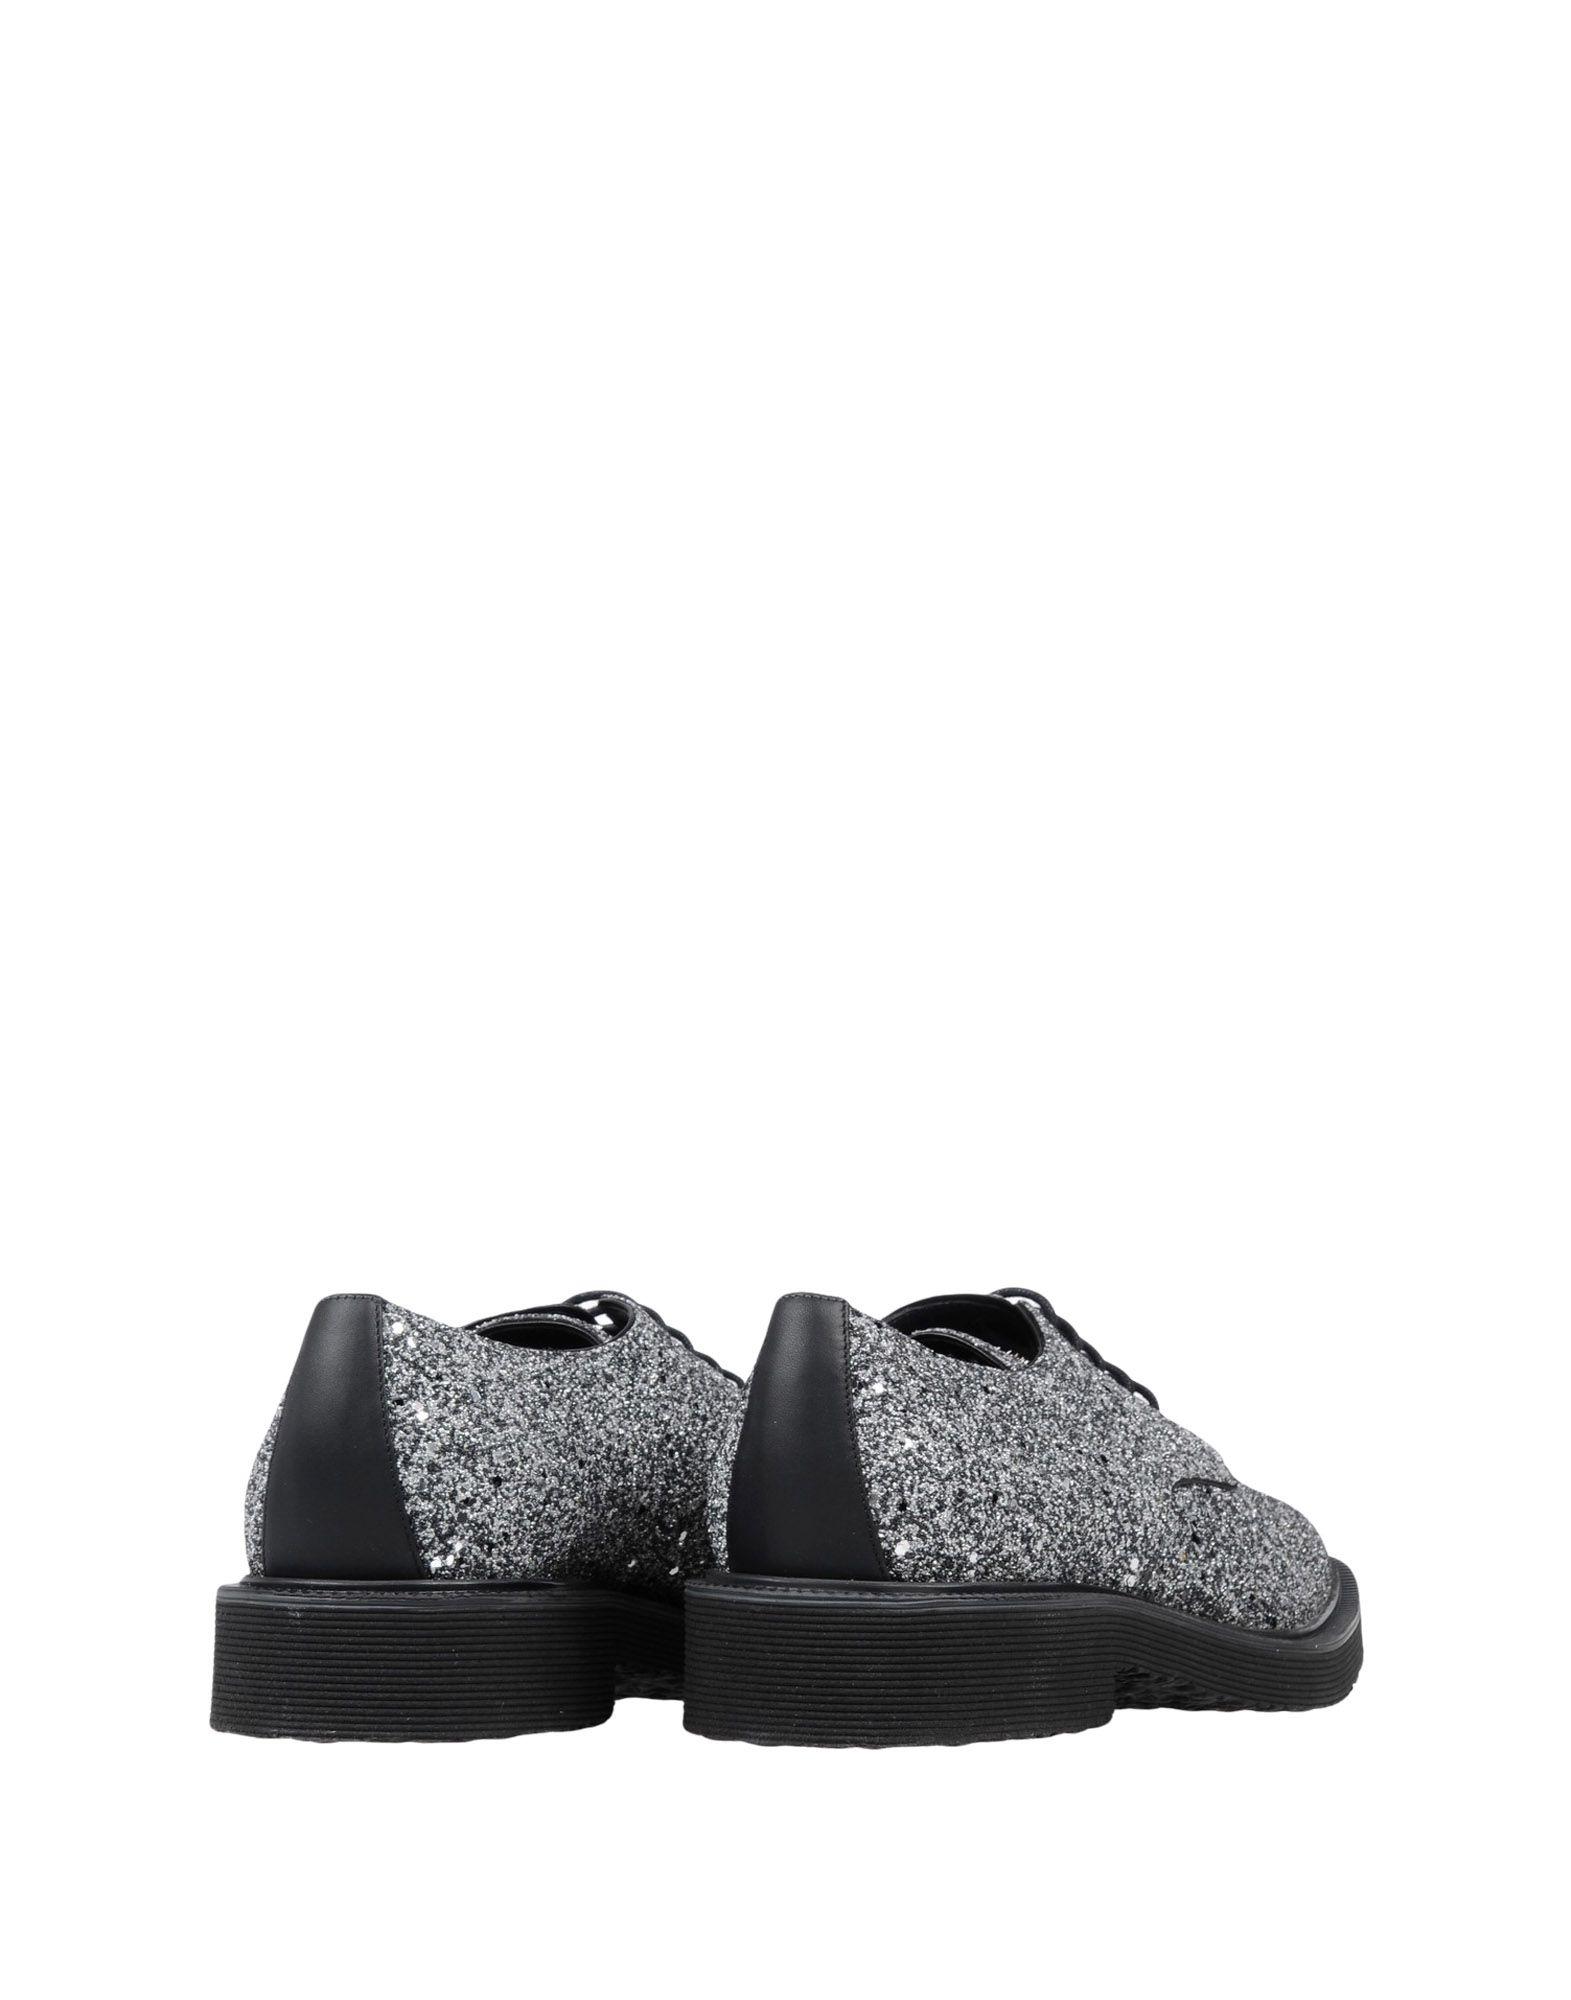 Chaussures À Lacets Giuseppe Zanotti Design Femme - Chaussures À Lacets Giuseppe Zanotti Design sur